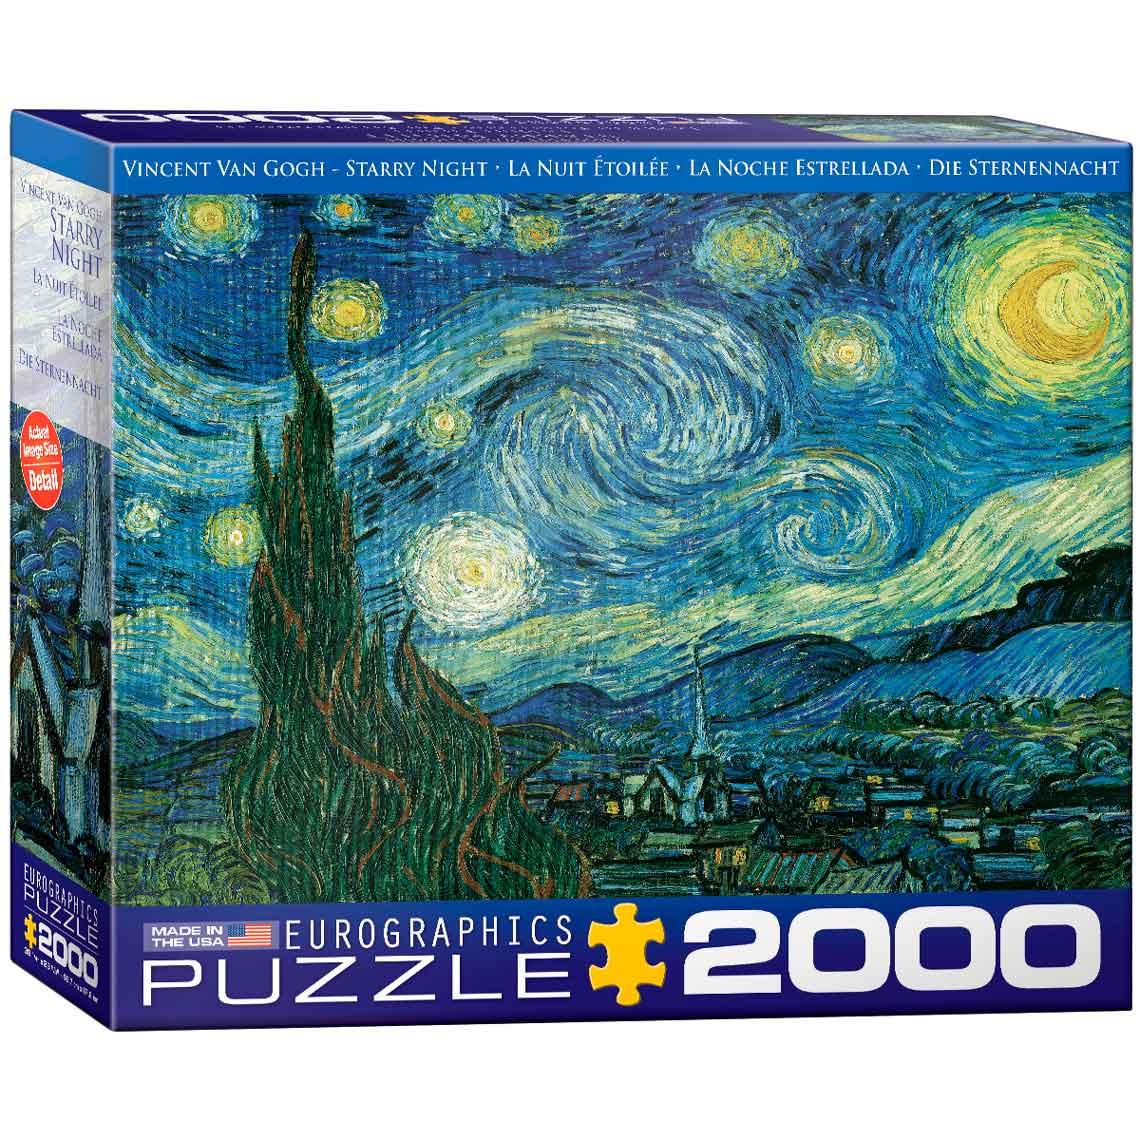 Puzzle Eurographics Noche Estrellada de 2000 Piezas